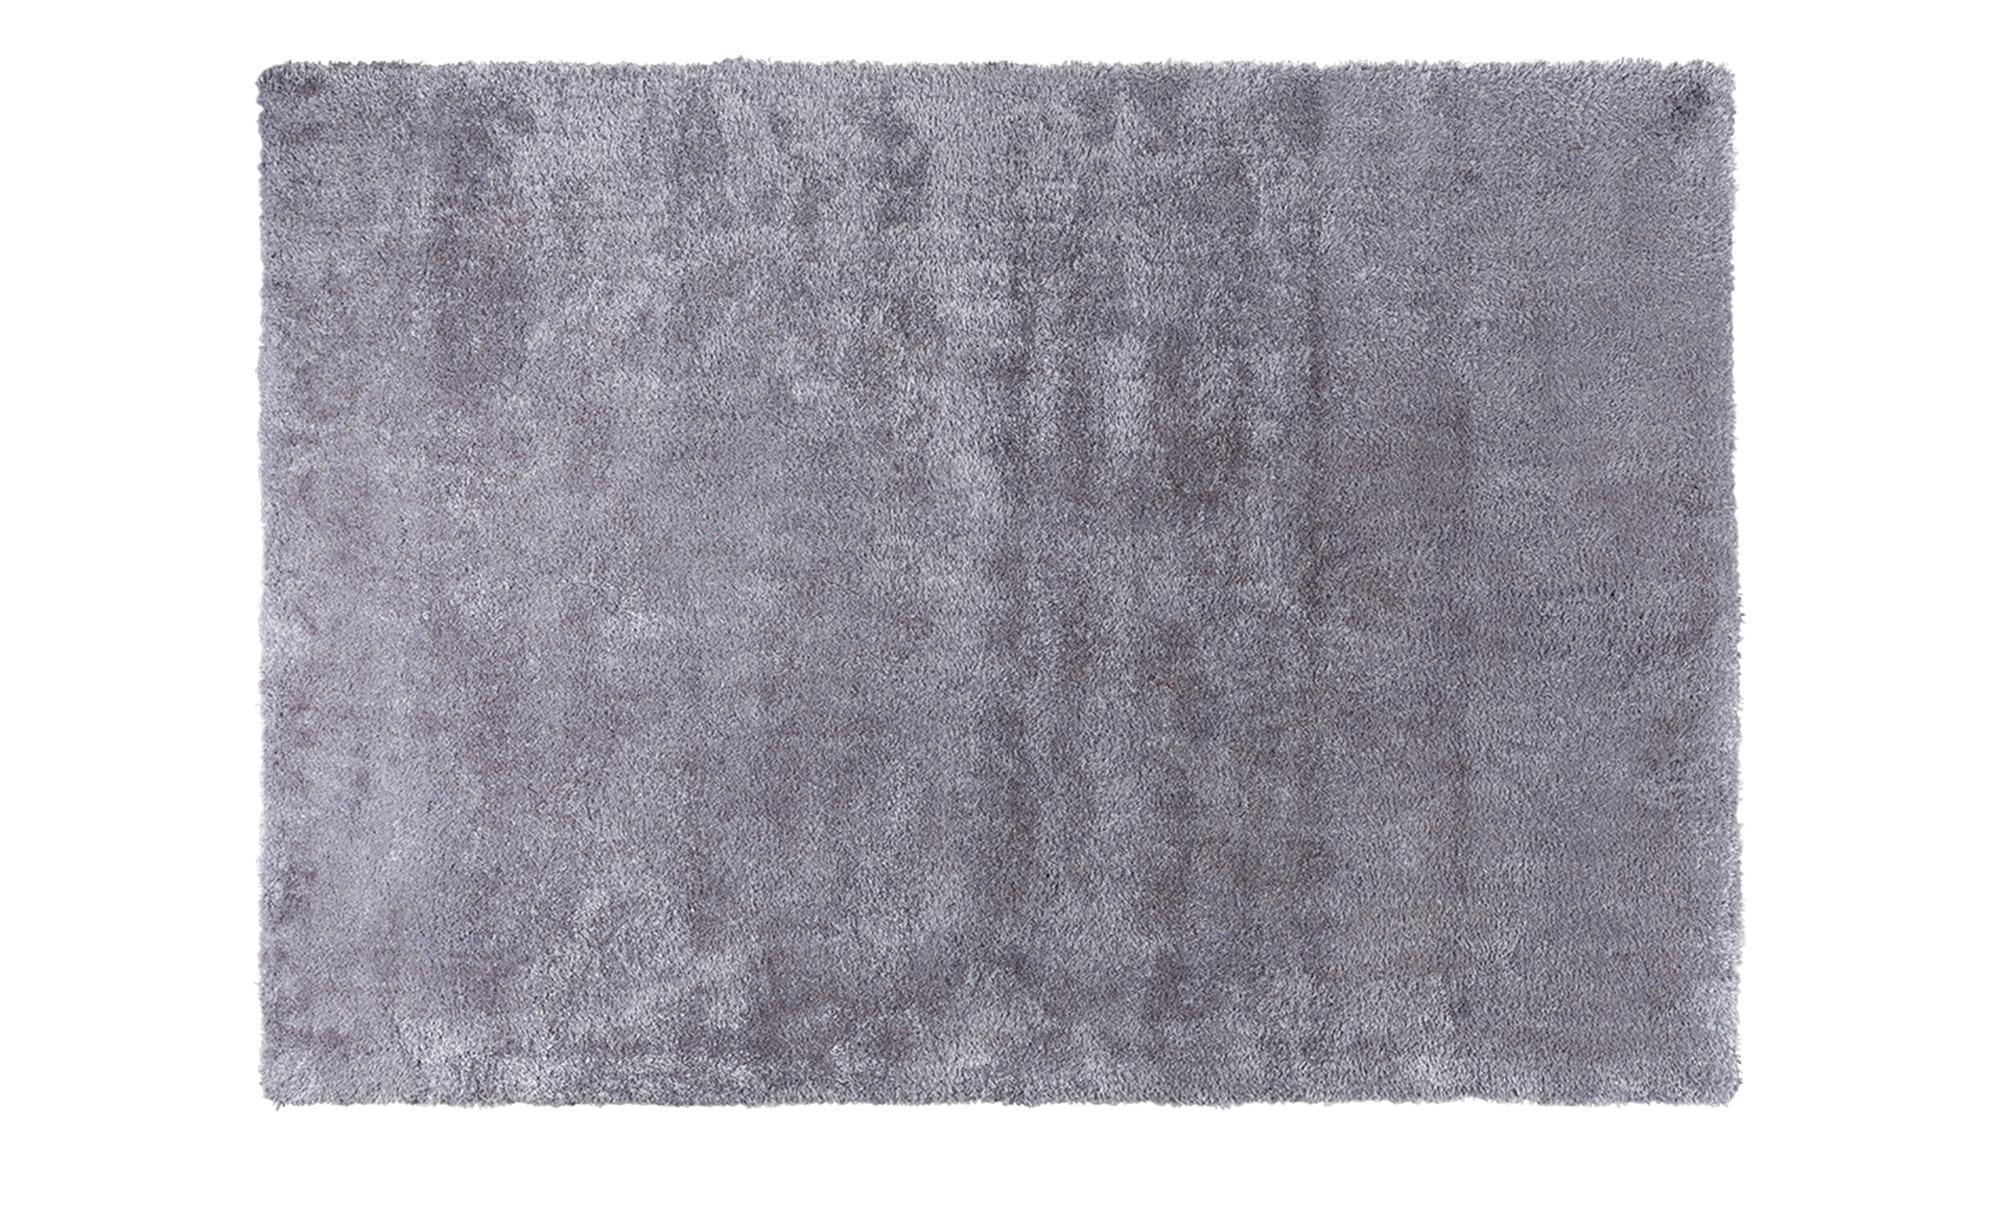 tom tailor handtuft teppich soft uni breite 65 cm h he grau online kaufen bei woonio. Black Bedroom Furniture Sets. Home Design Ideas